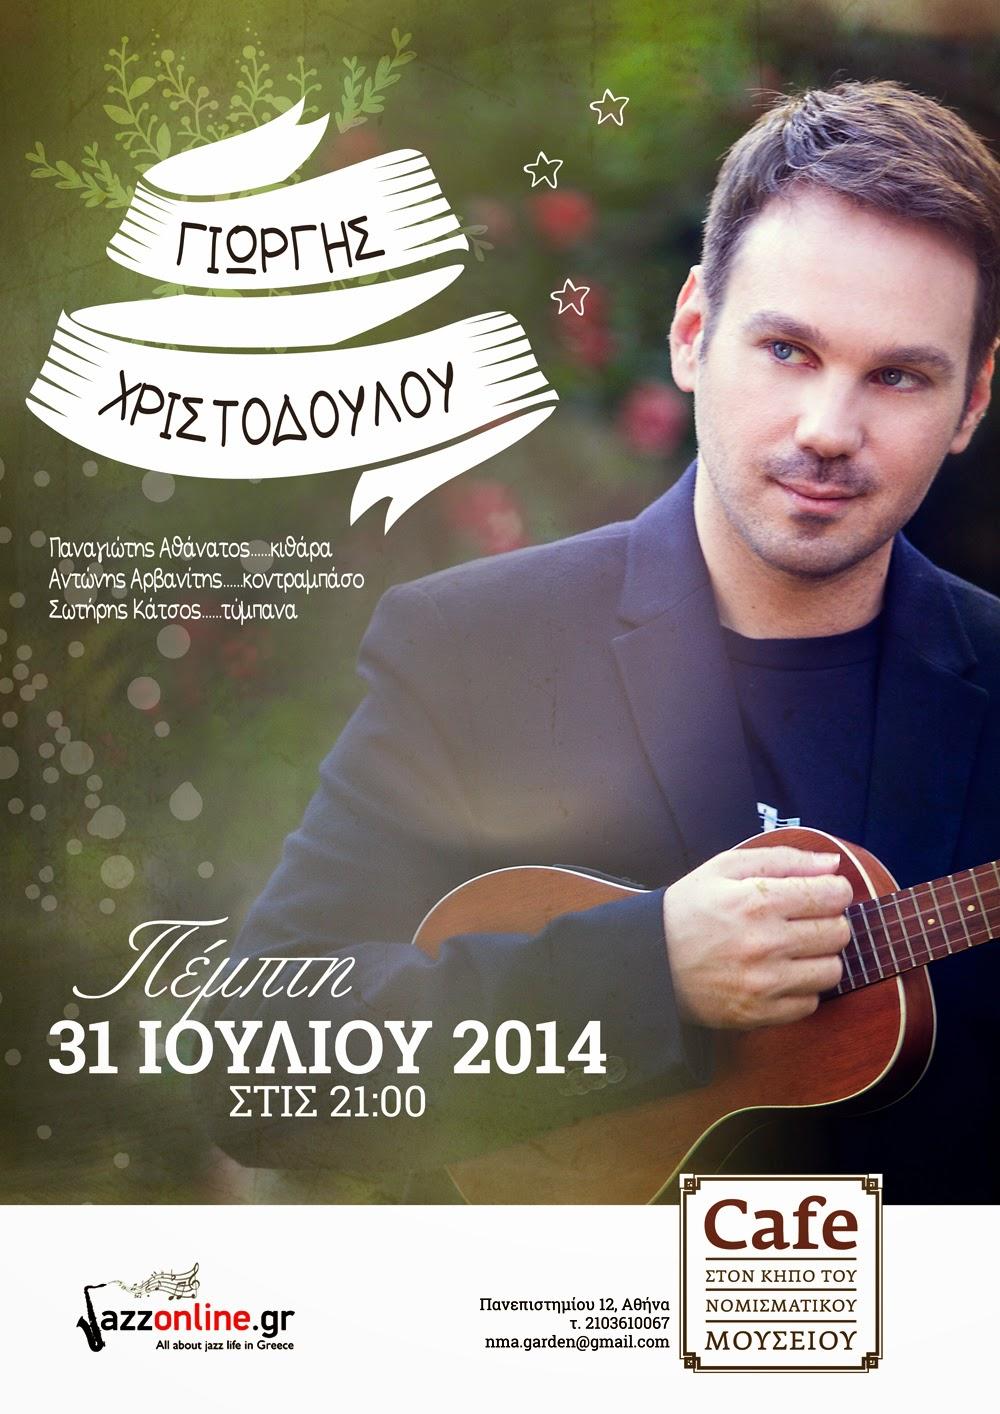 giorgis-xristodoylou-ston-kipo-tou-nomismatikoy-mouseiou-31-iouliou-2014